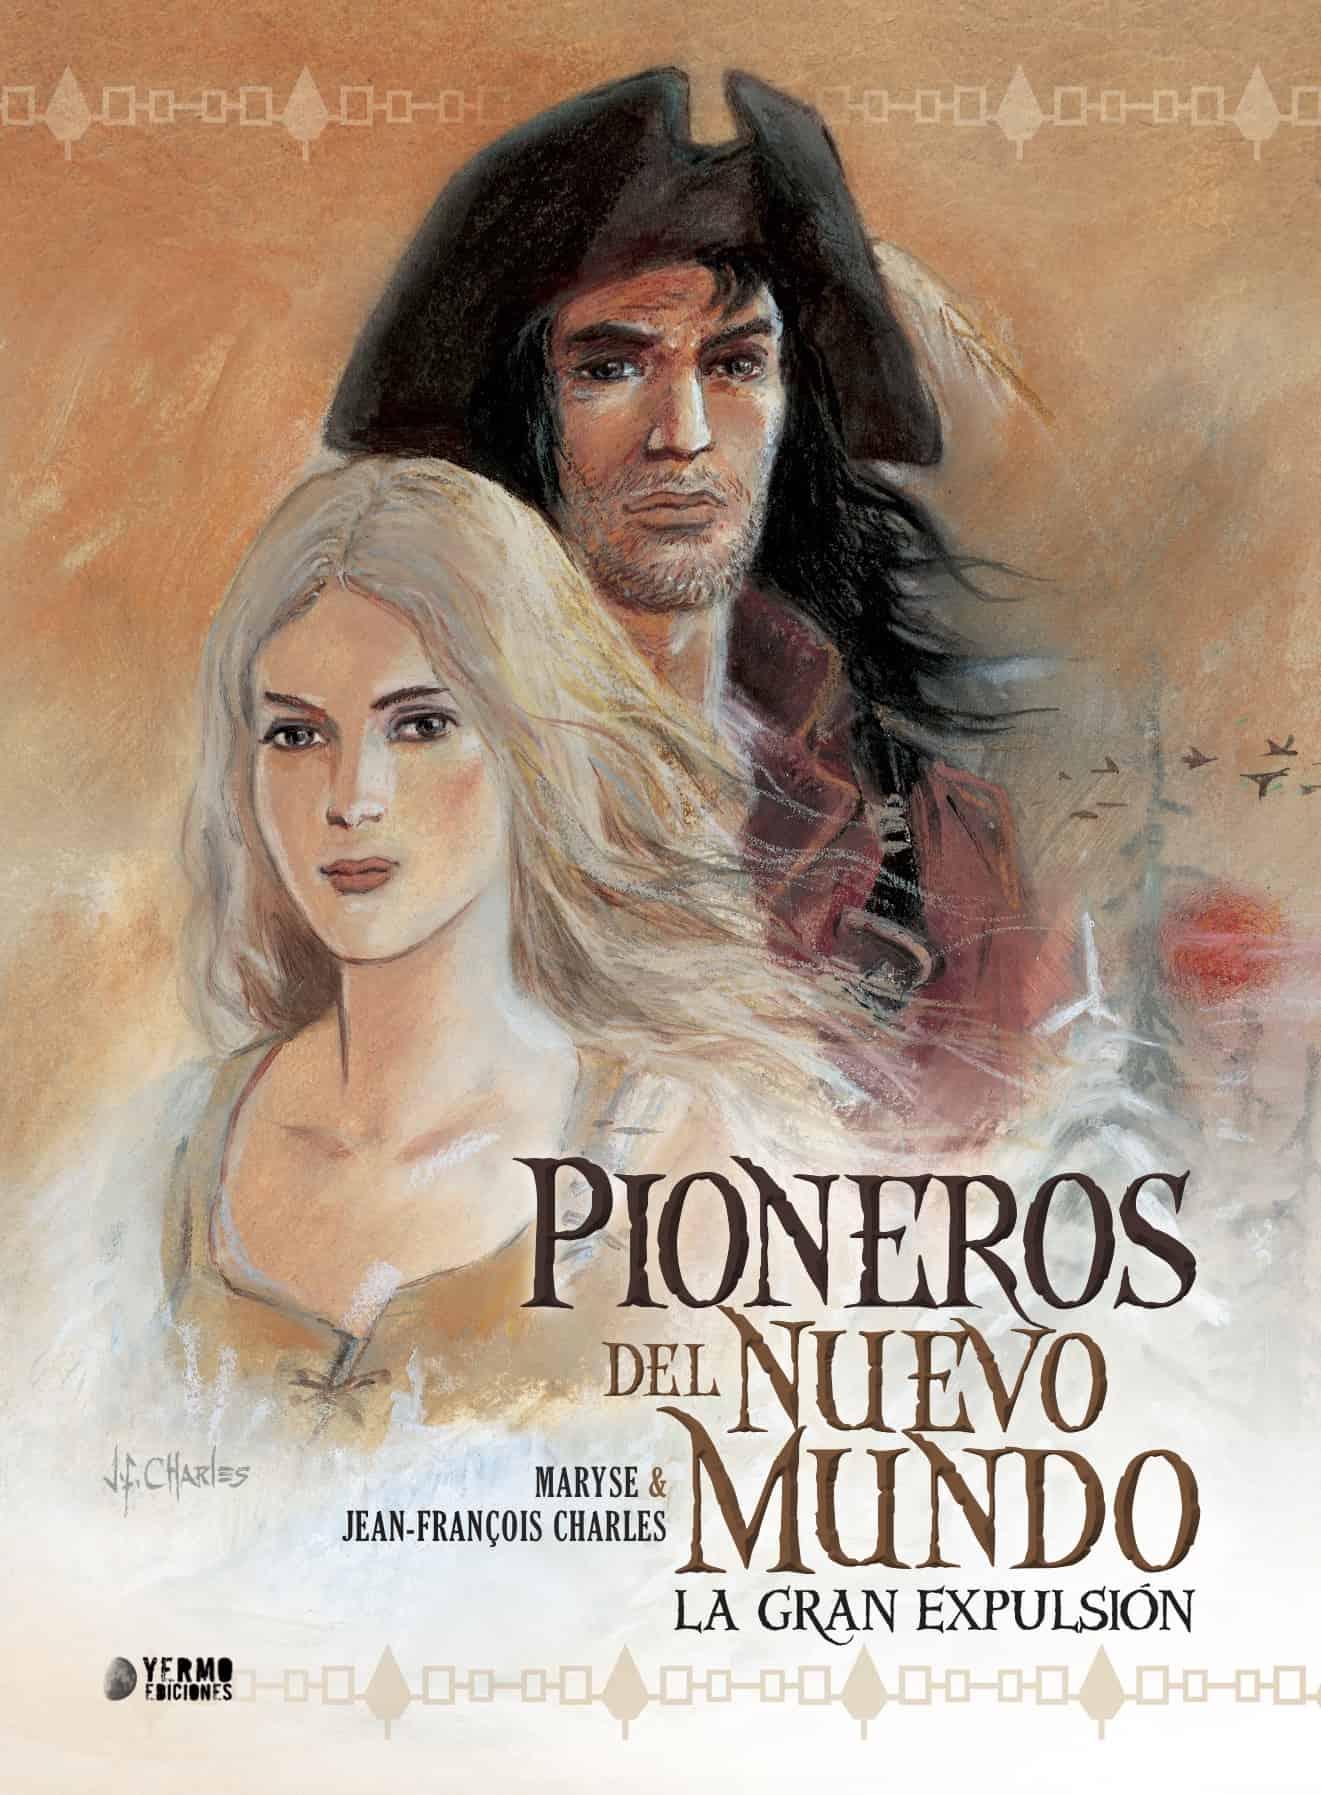 PIONEROS DEL NUEVO MUNDO: LA GRAN EXPULSION (INTEGRAL)